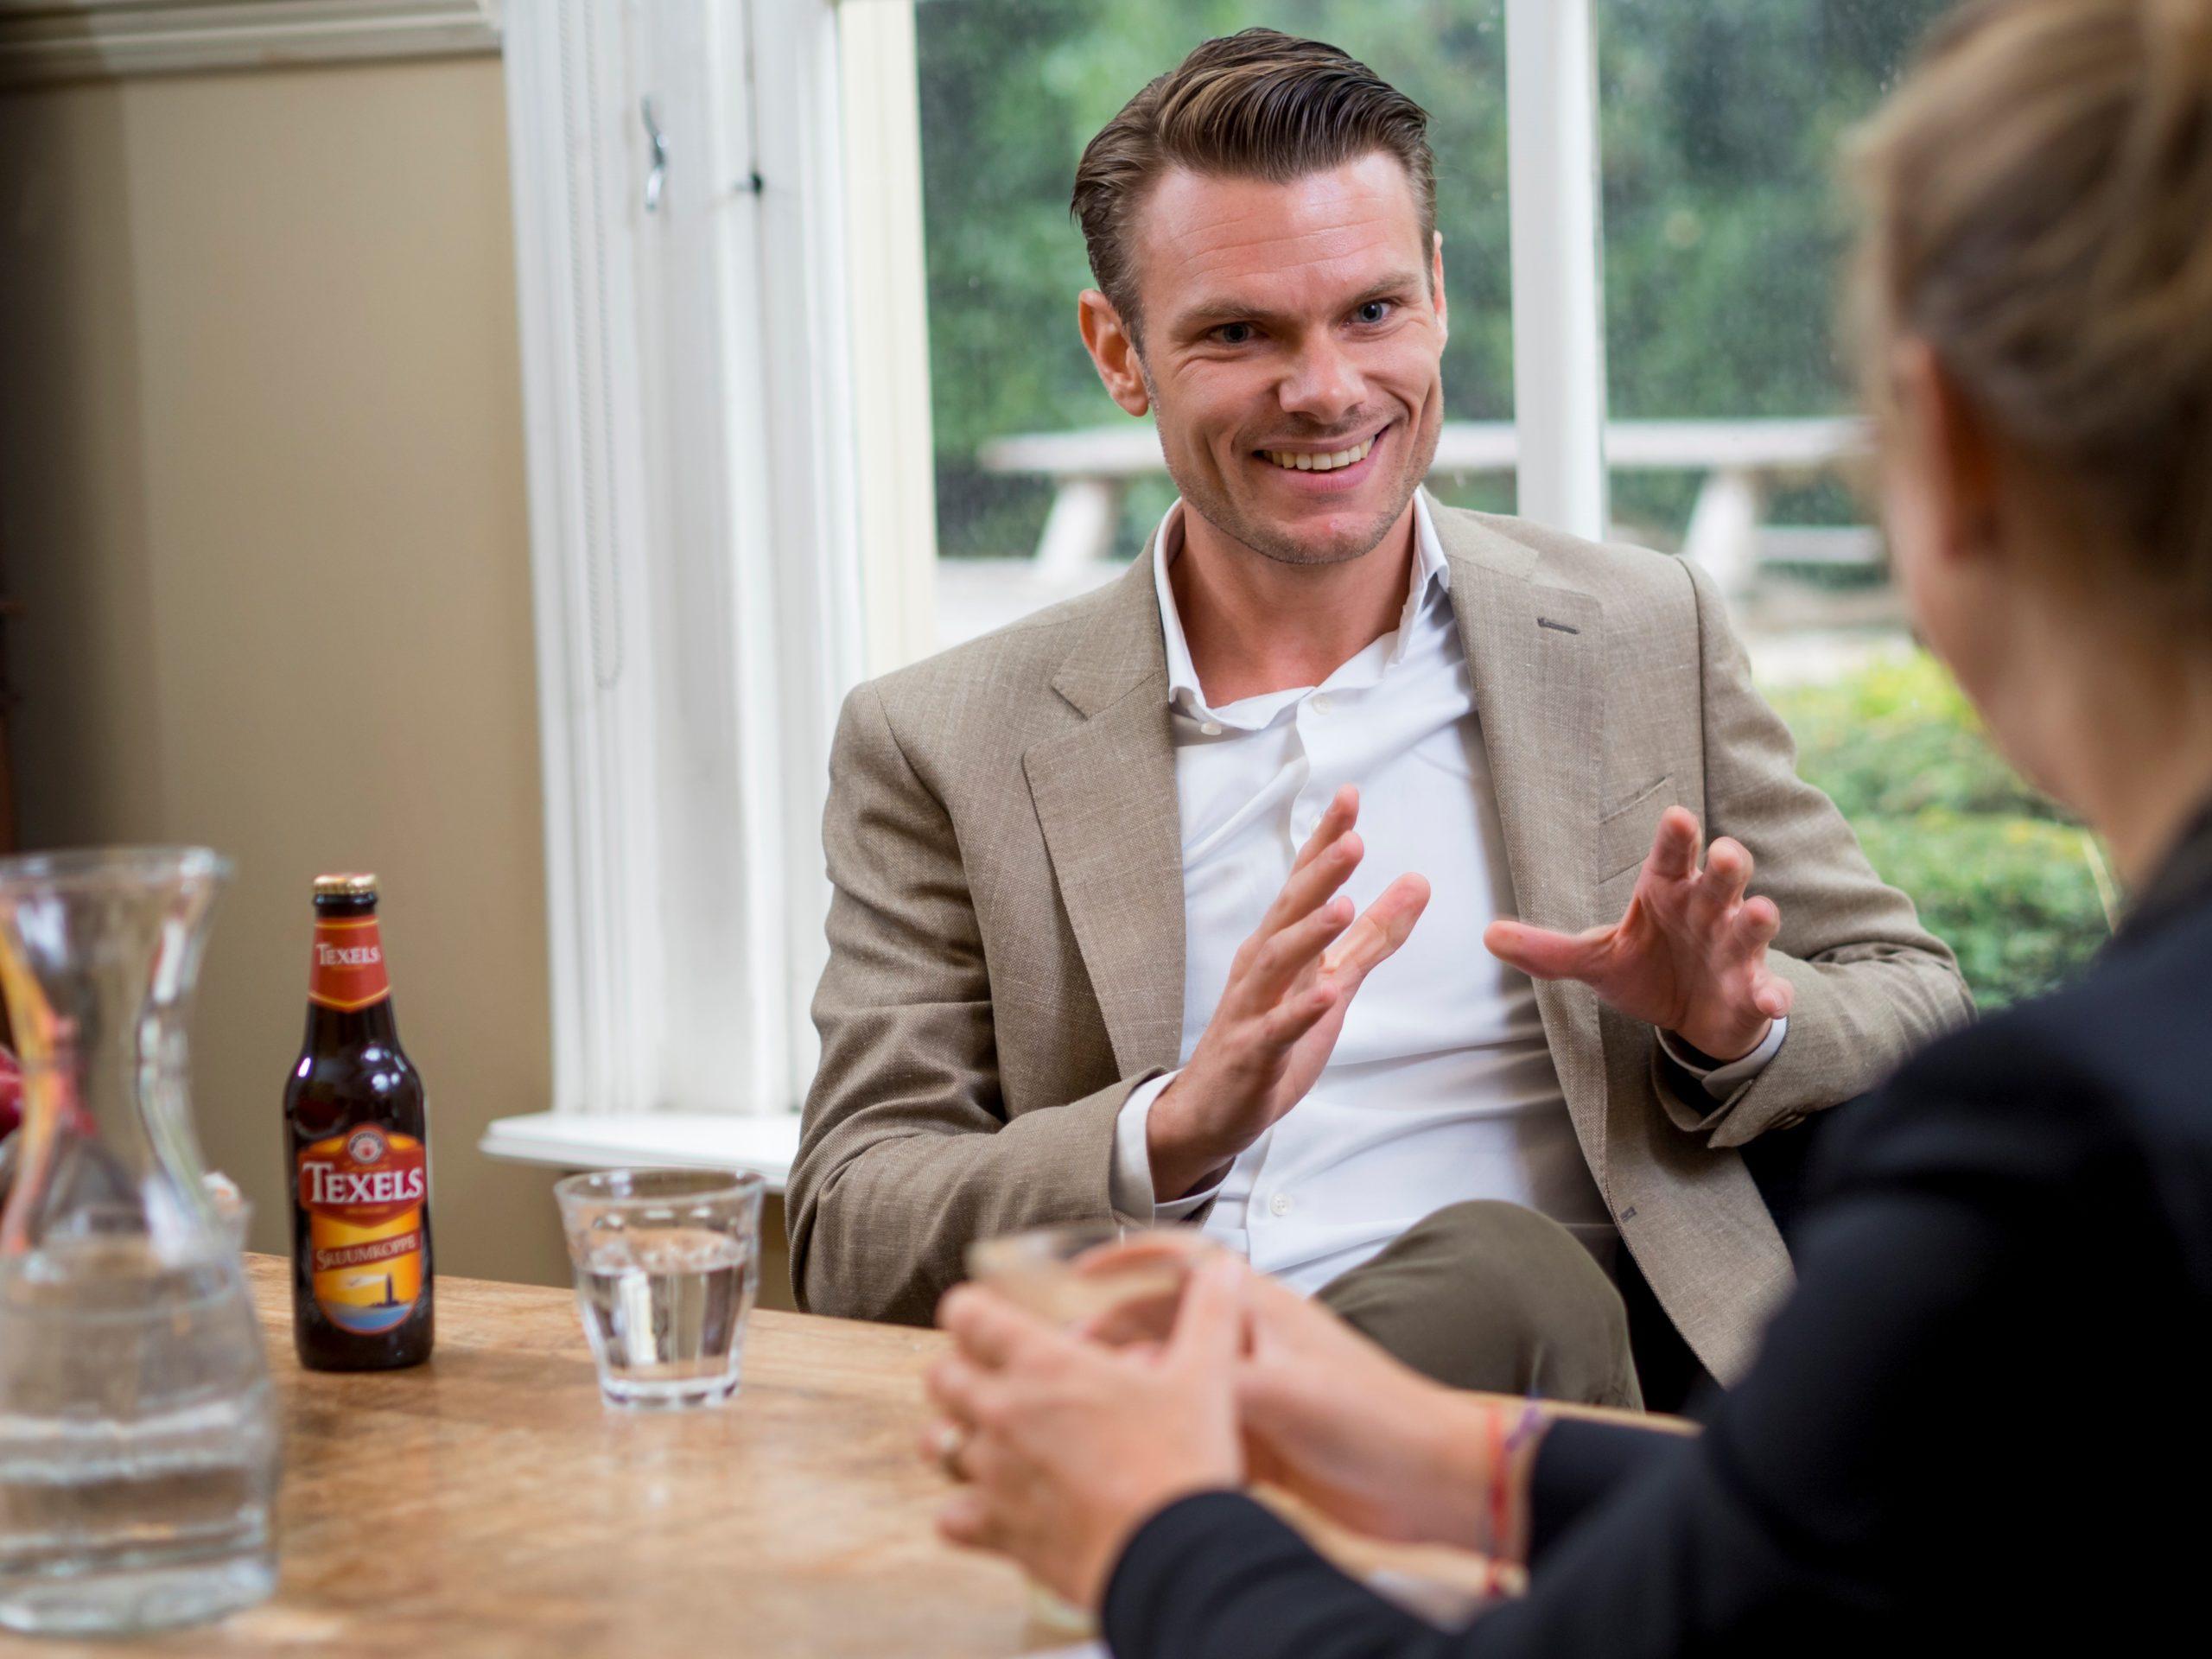 De selling skills van Texels' verkopers